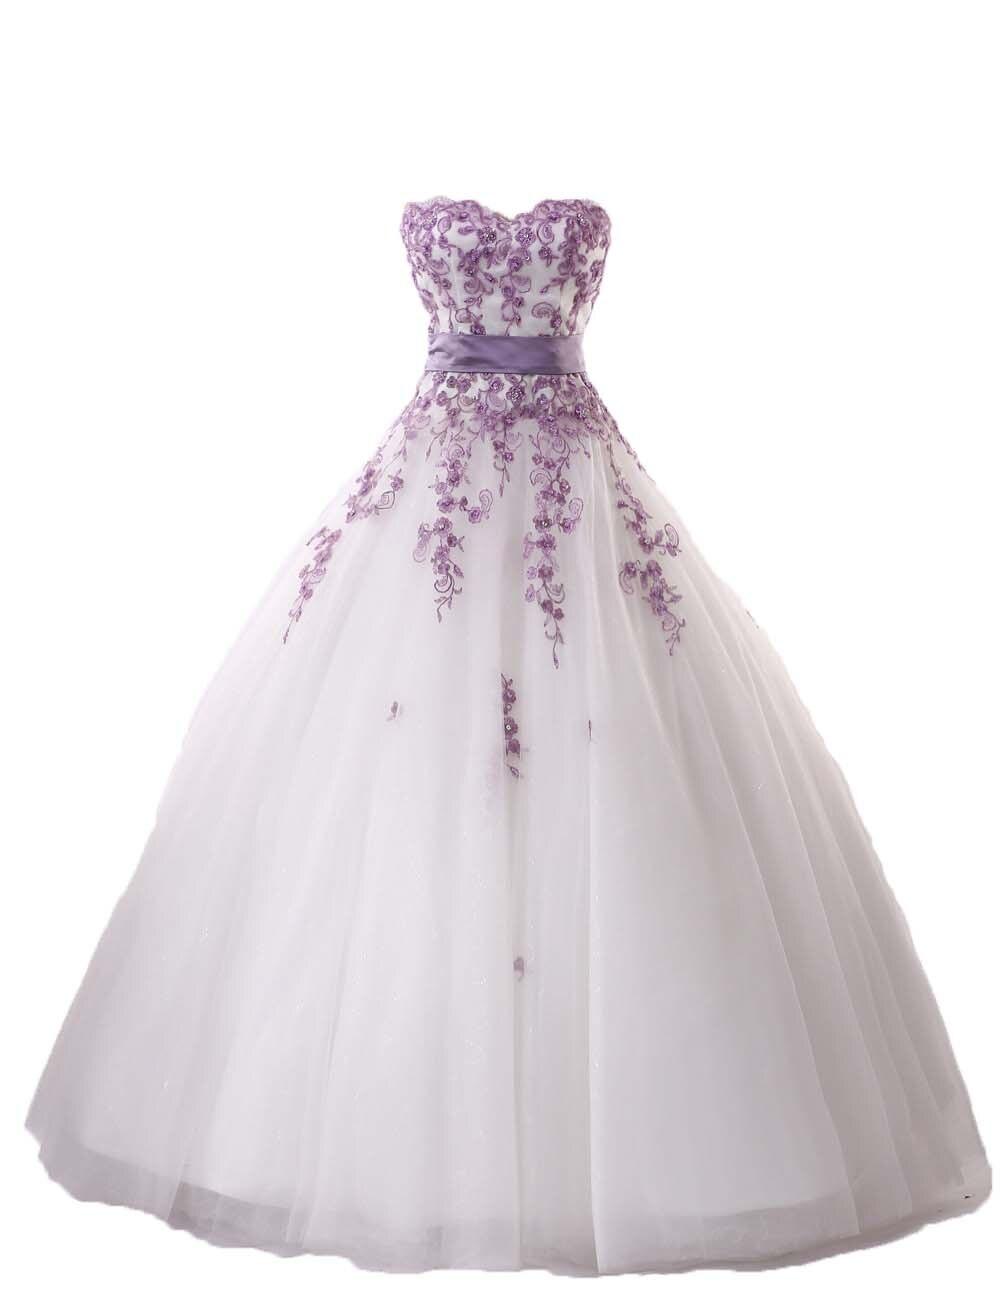 Vestiti Da Sposa Lilla.Nuovo Elegante Lilla Pizzo Abito Da Sposa 2016 Dell Innamorato